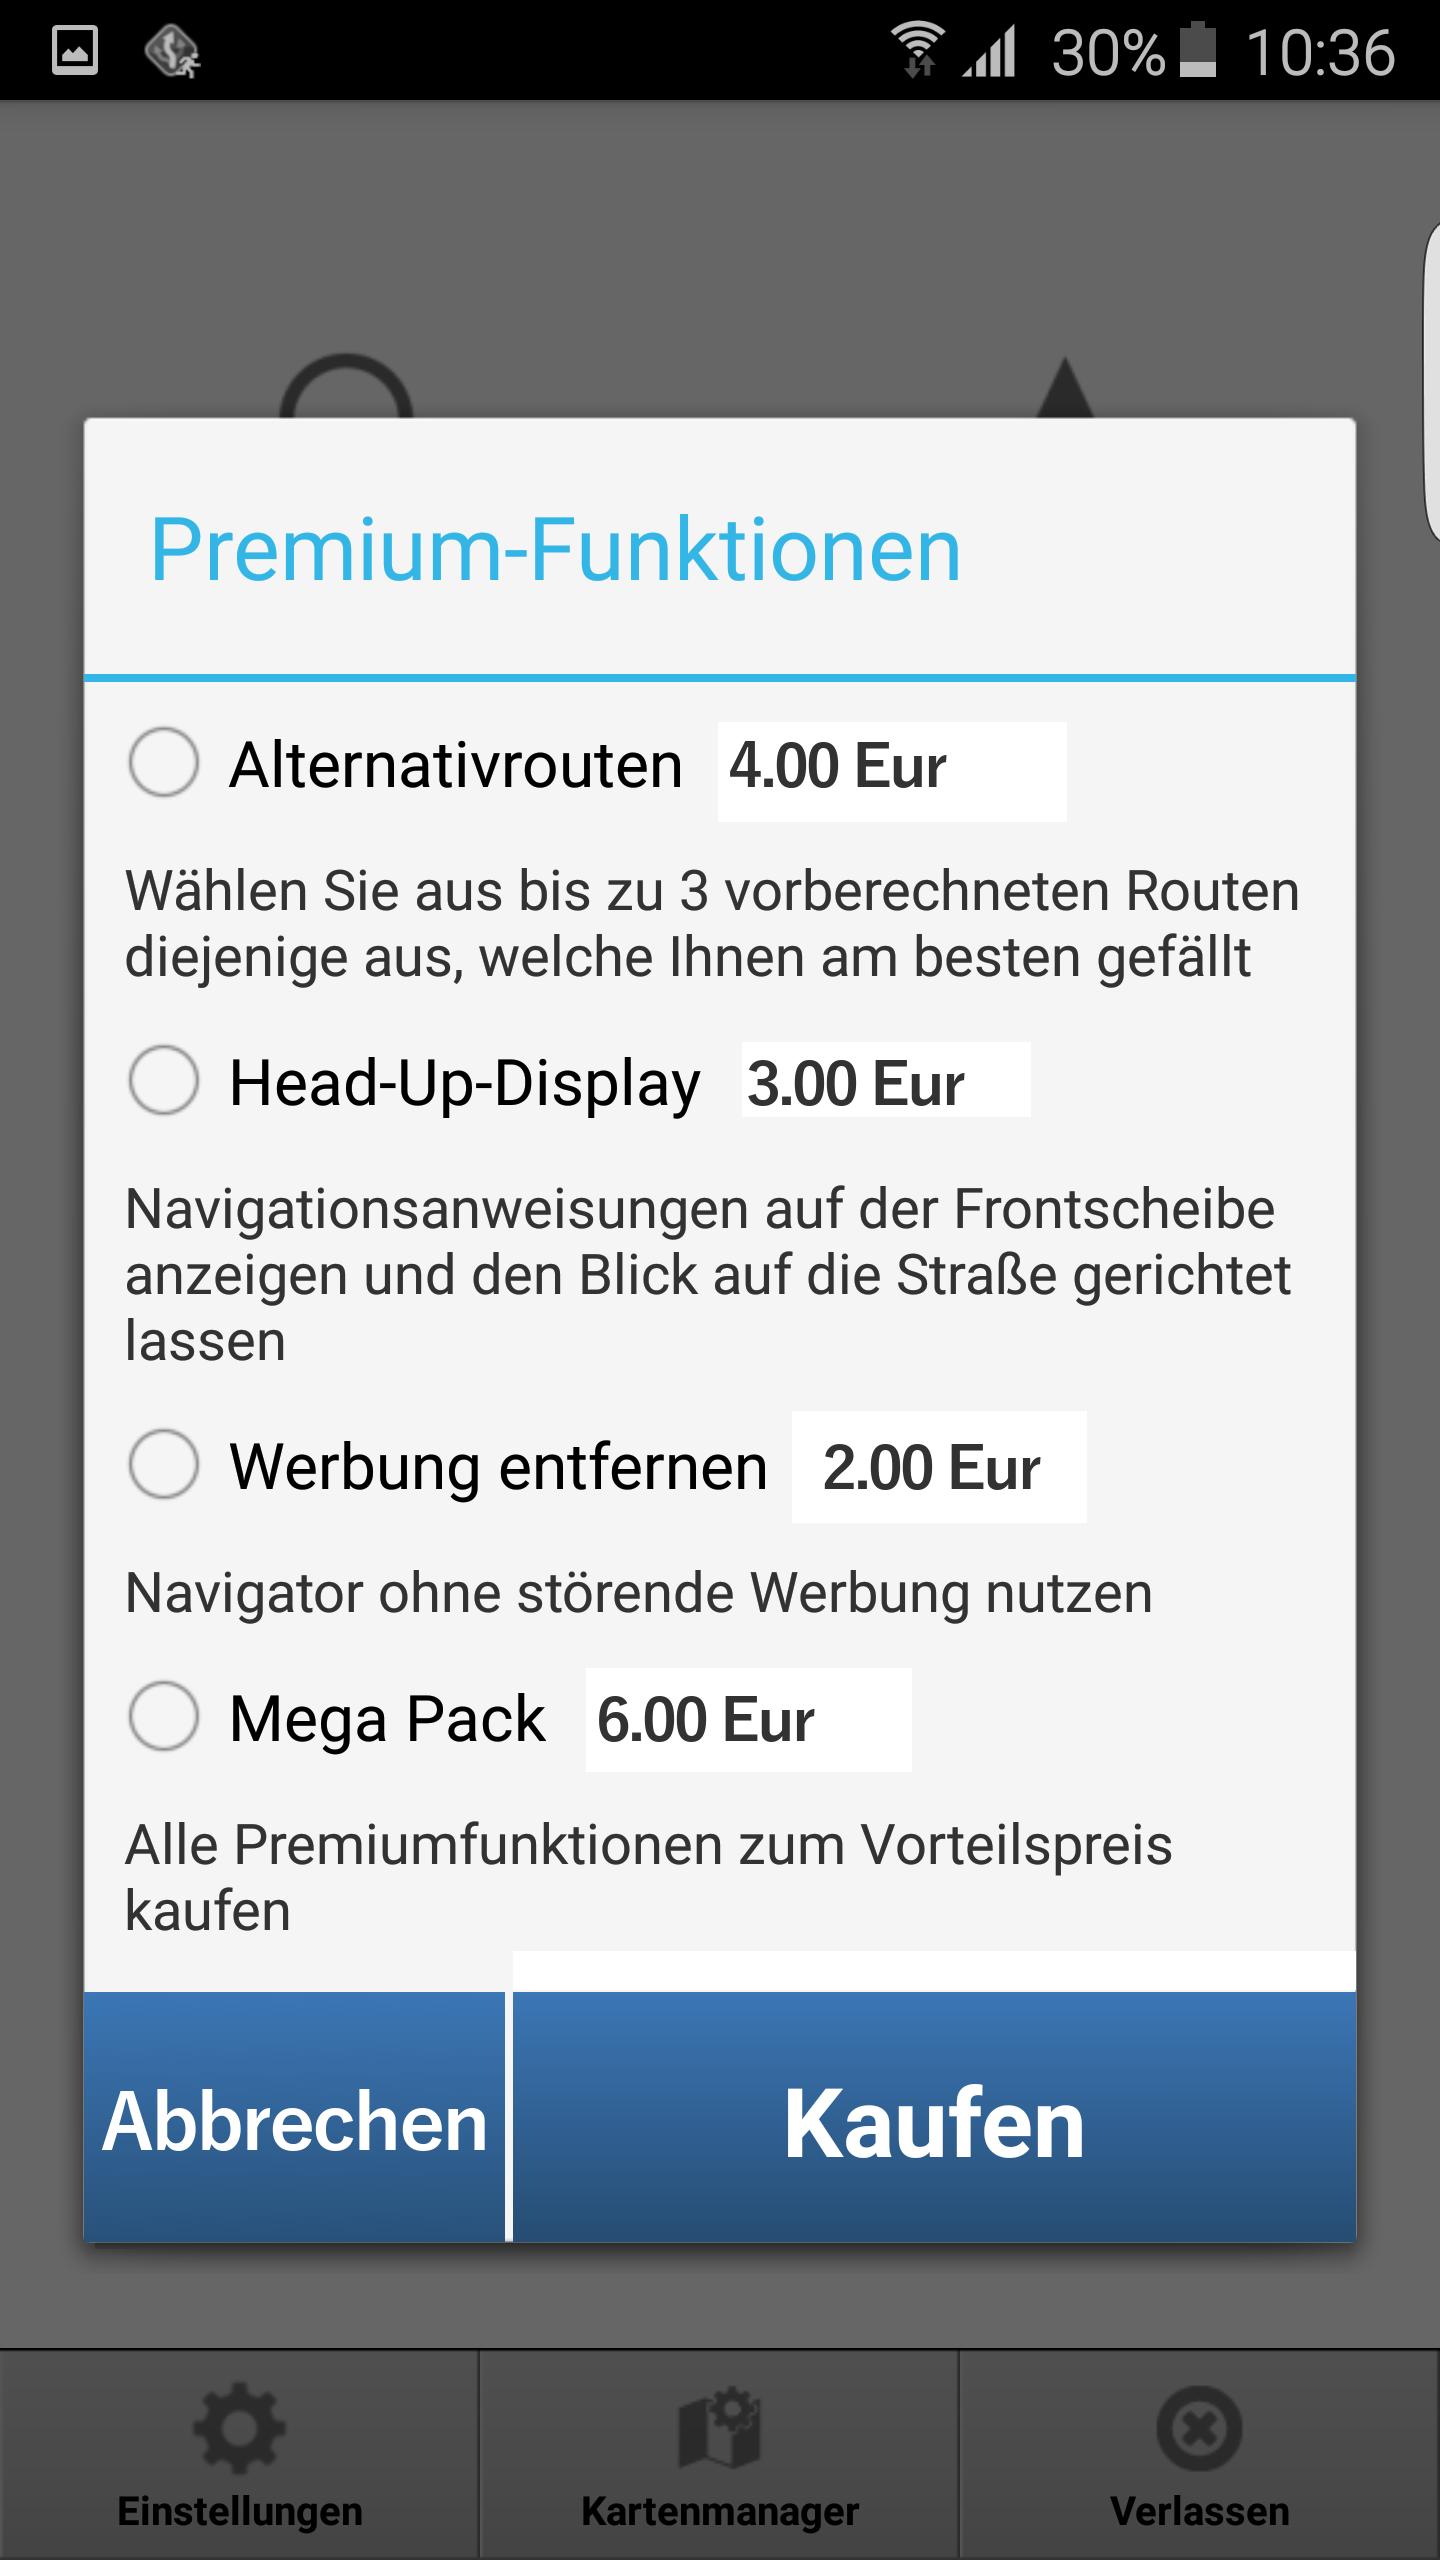 MapFactor Navigator 2.1 – Premium-Funktionen